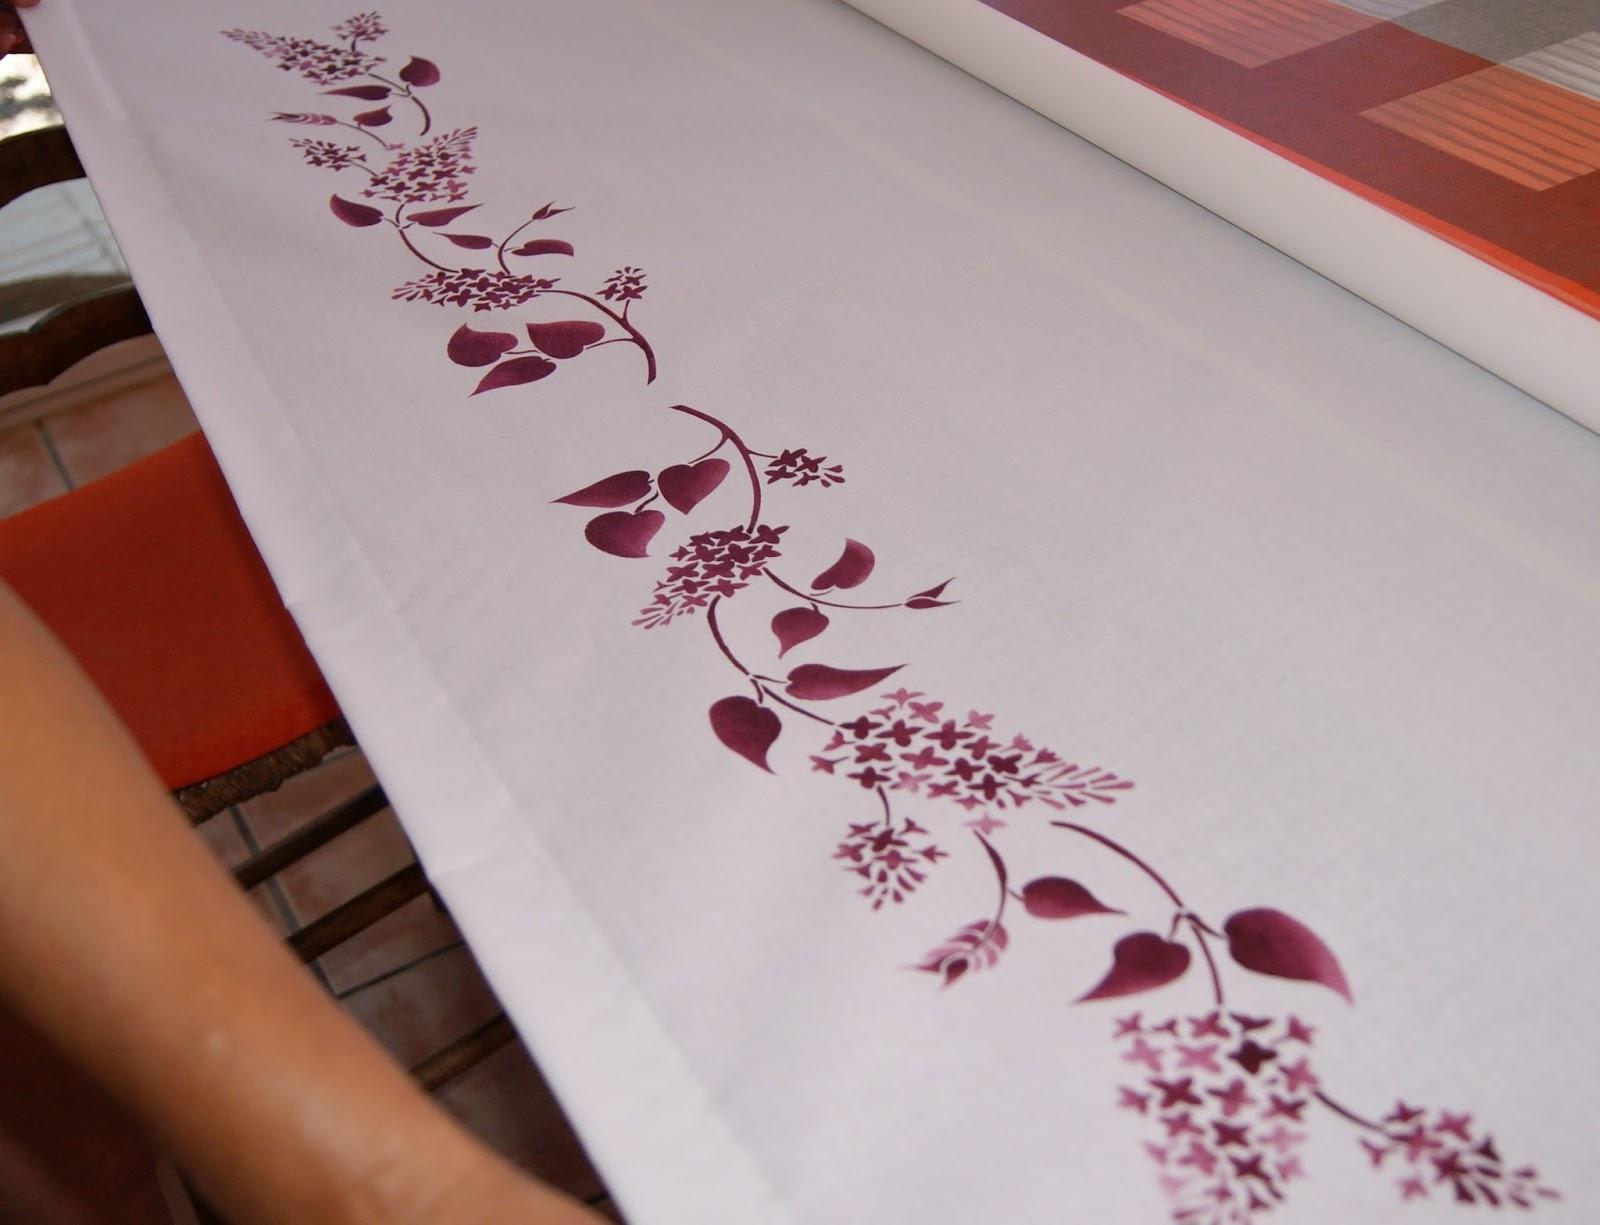 Artali cortina pintada a mano - Como pintar telas a mano ...